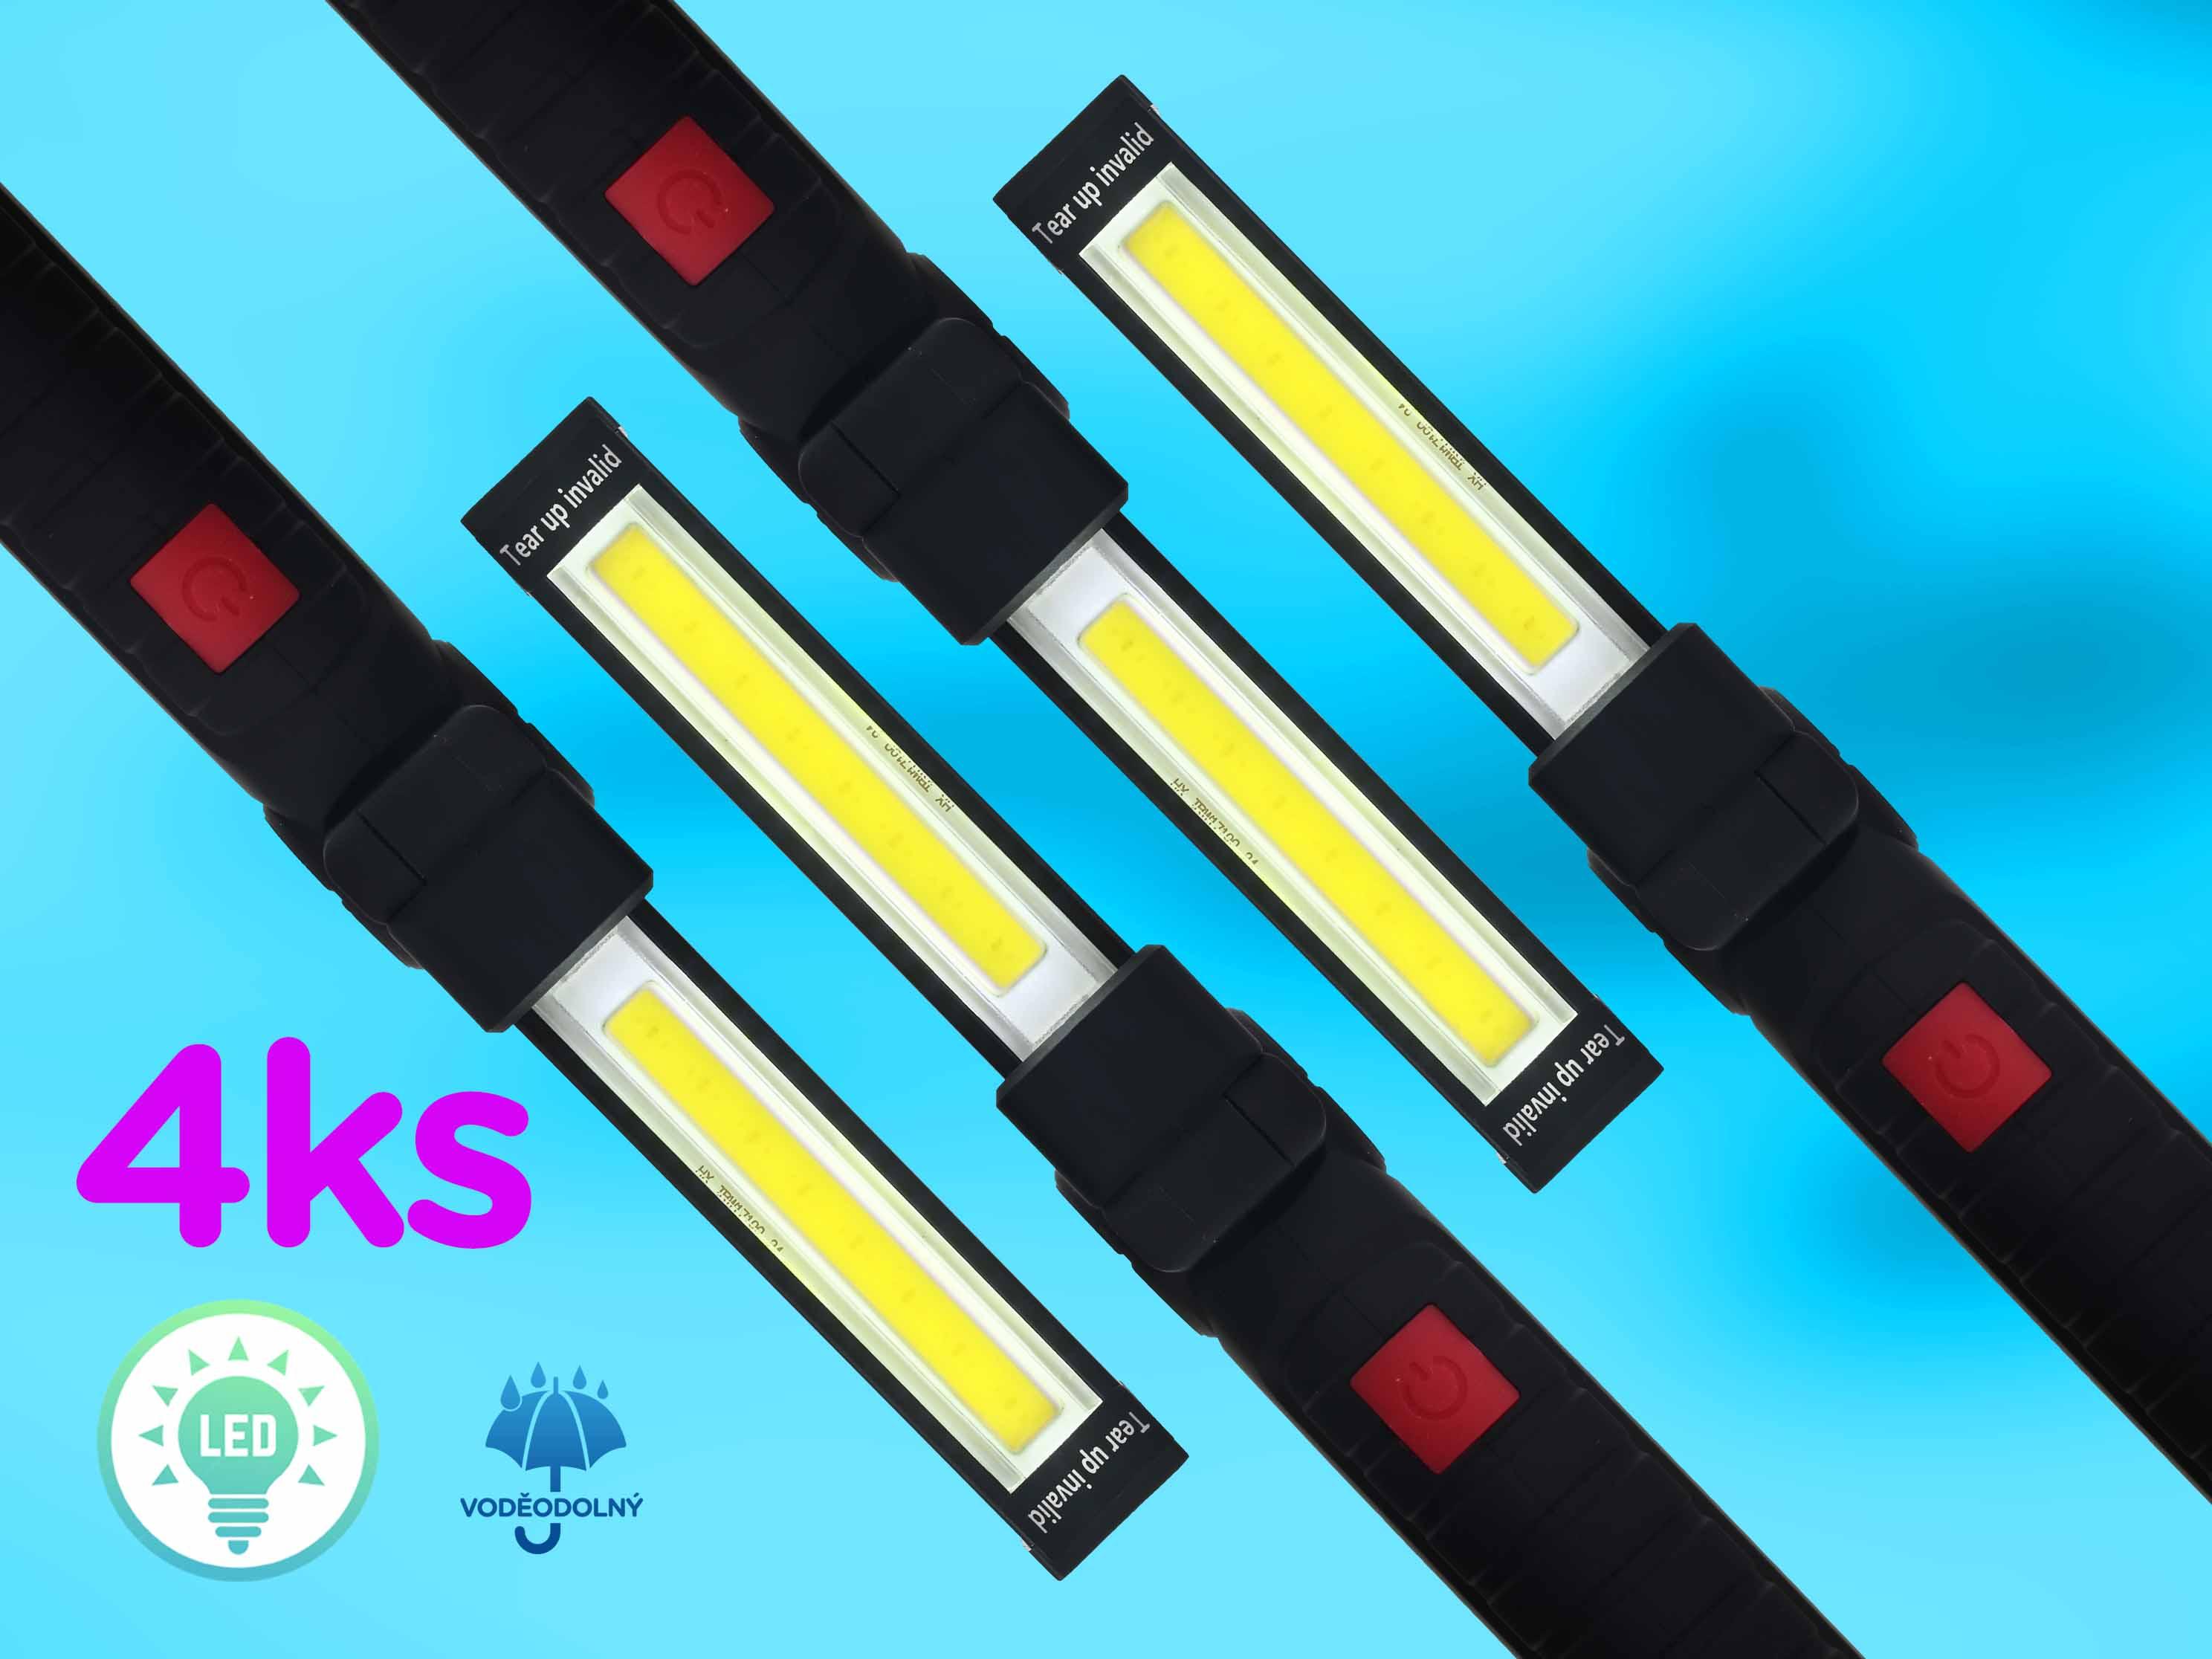 Výhodná sada 4ks LED Strip Light pracovních magnetických svítilen